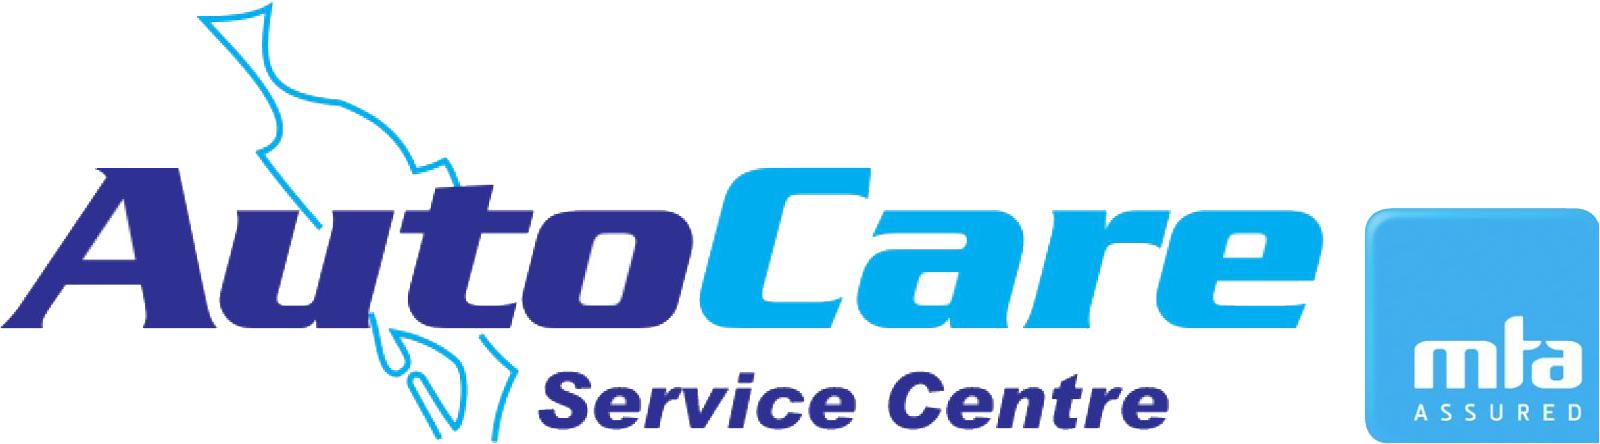 Autocare Service Centre